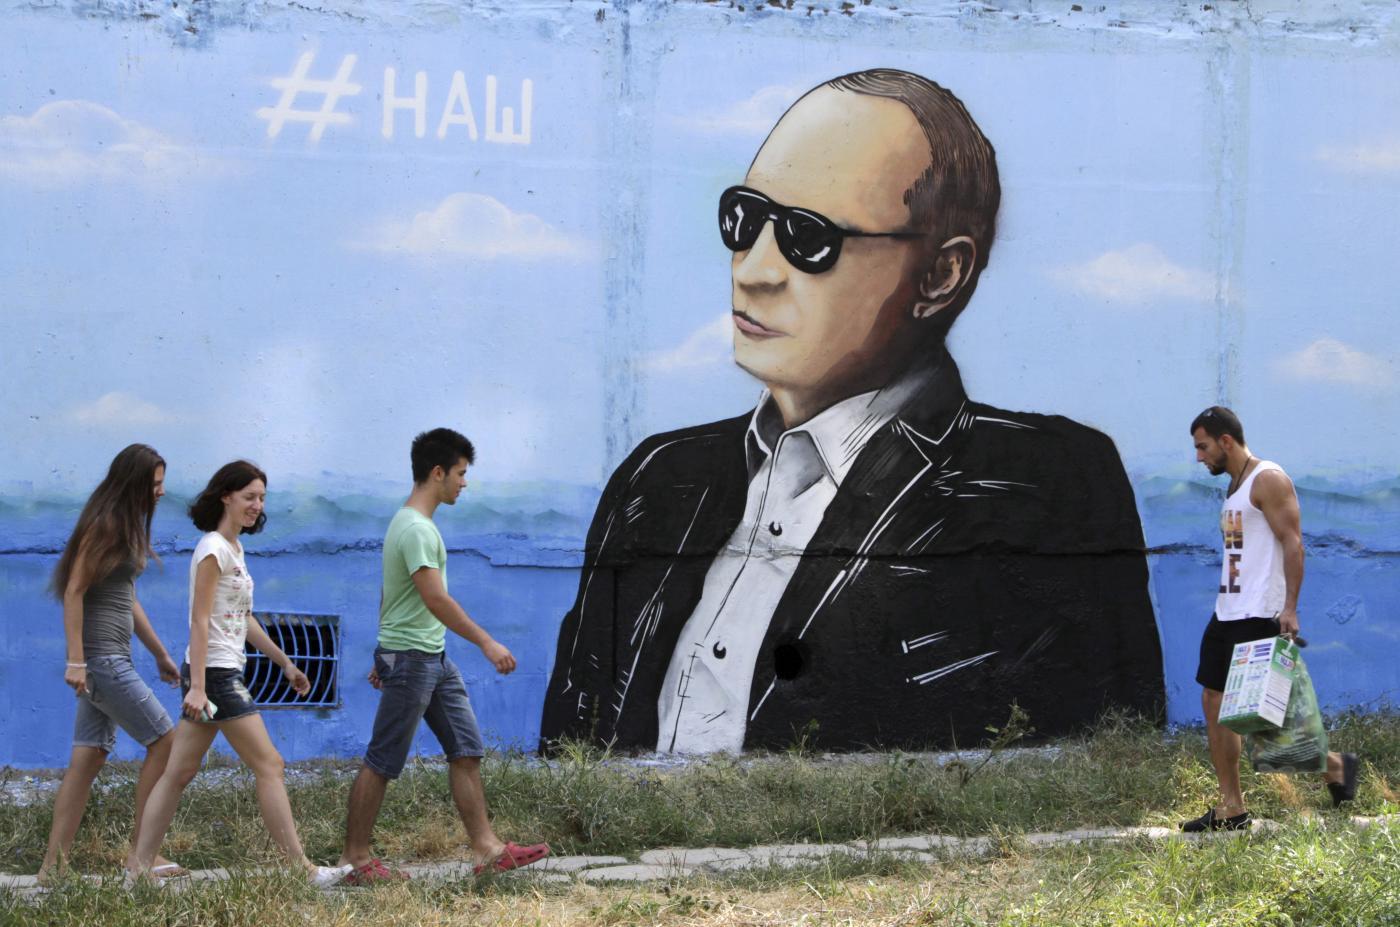 СРОЧНО! Крым уже забирают официально! И это предложила Чехия